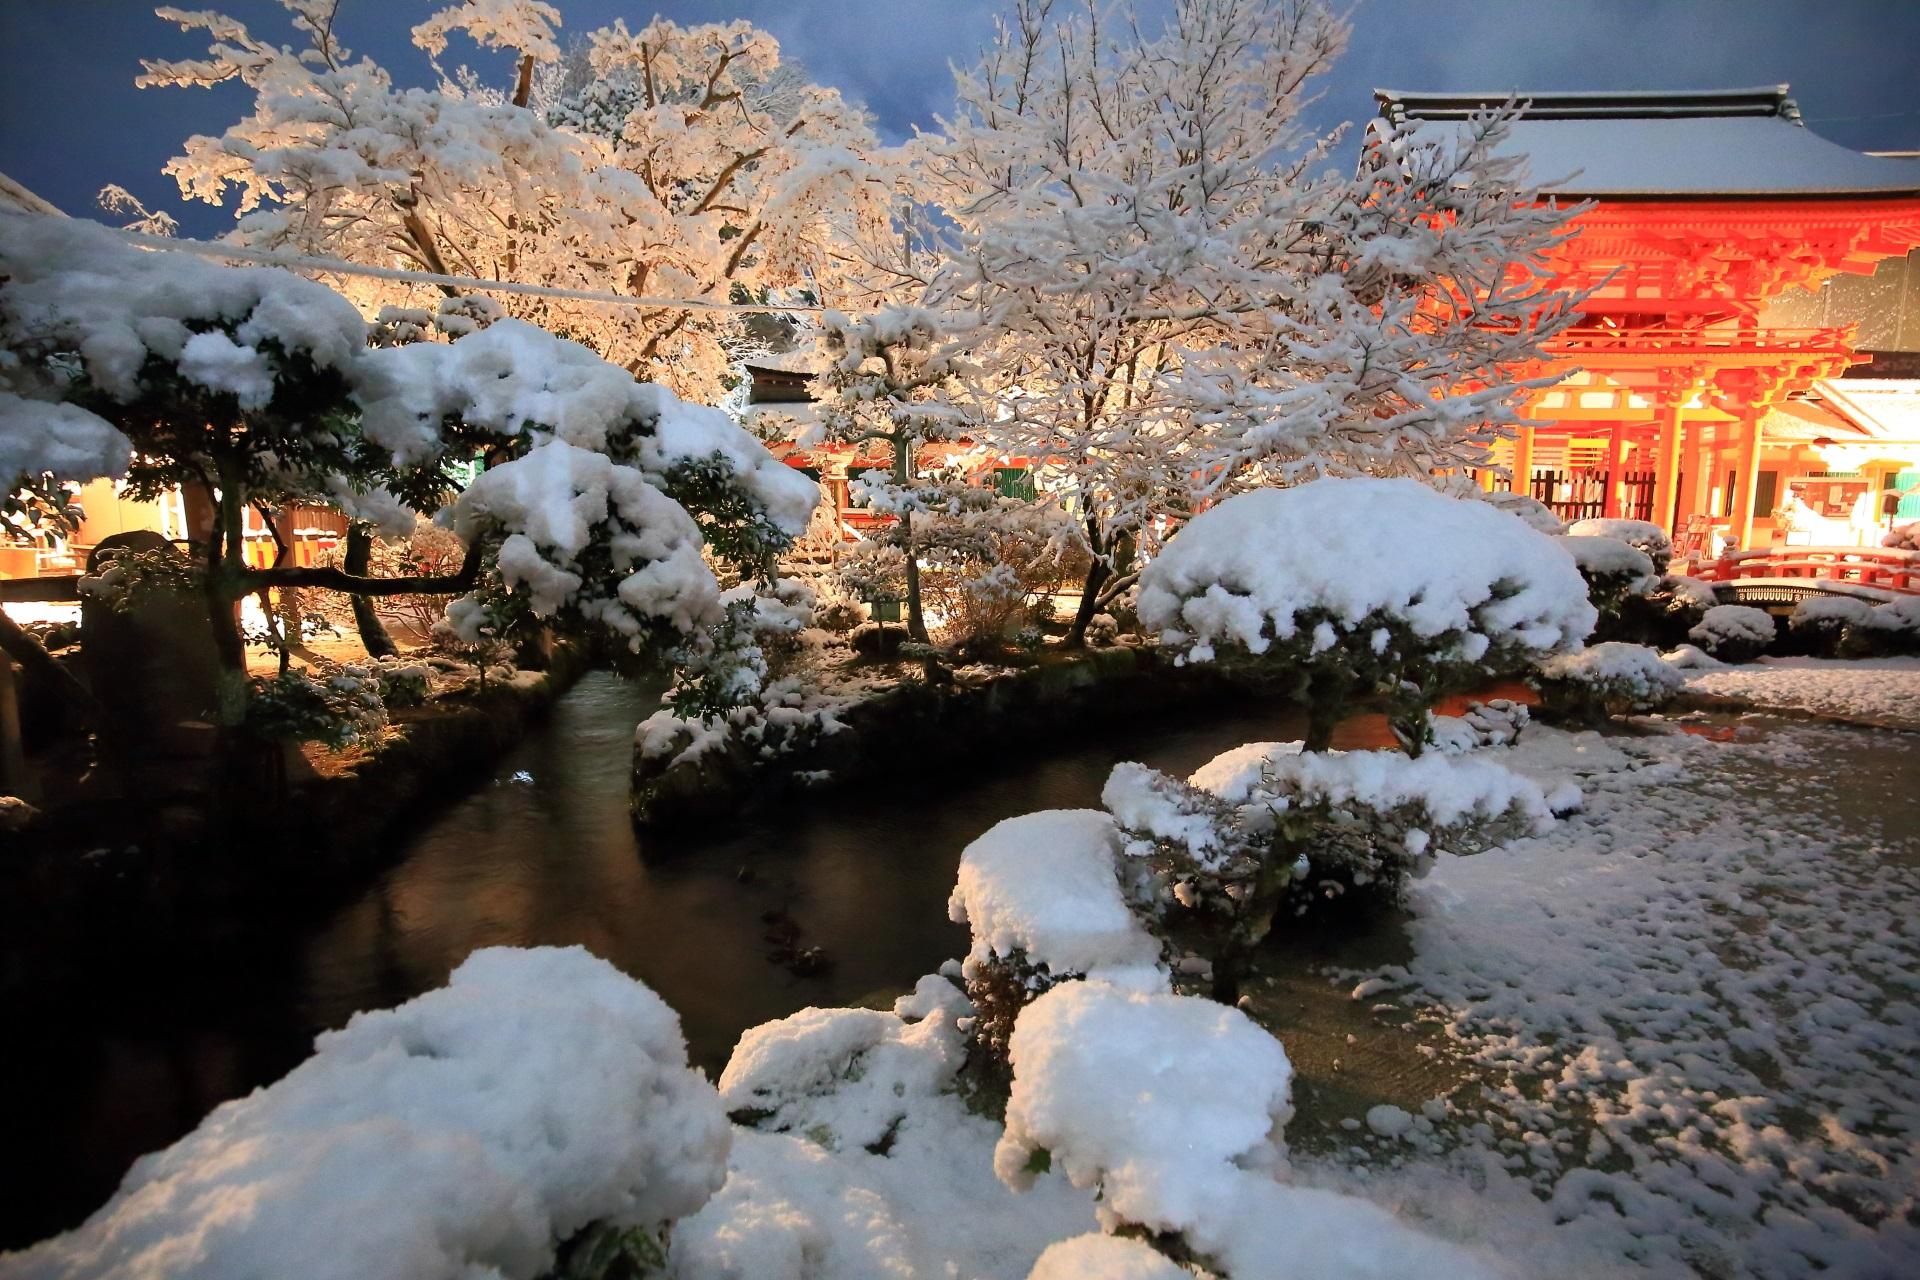 上賀茂神社の雪に染まる御手洗川と楼門